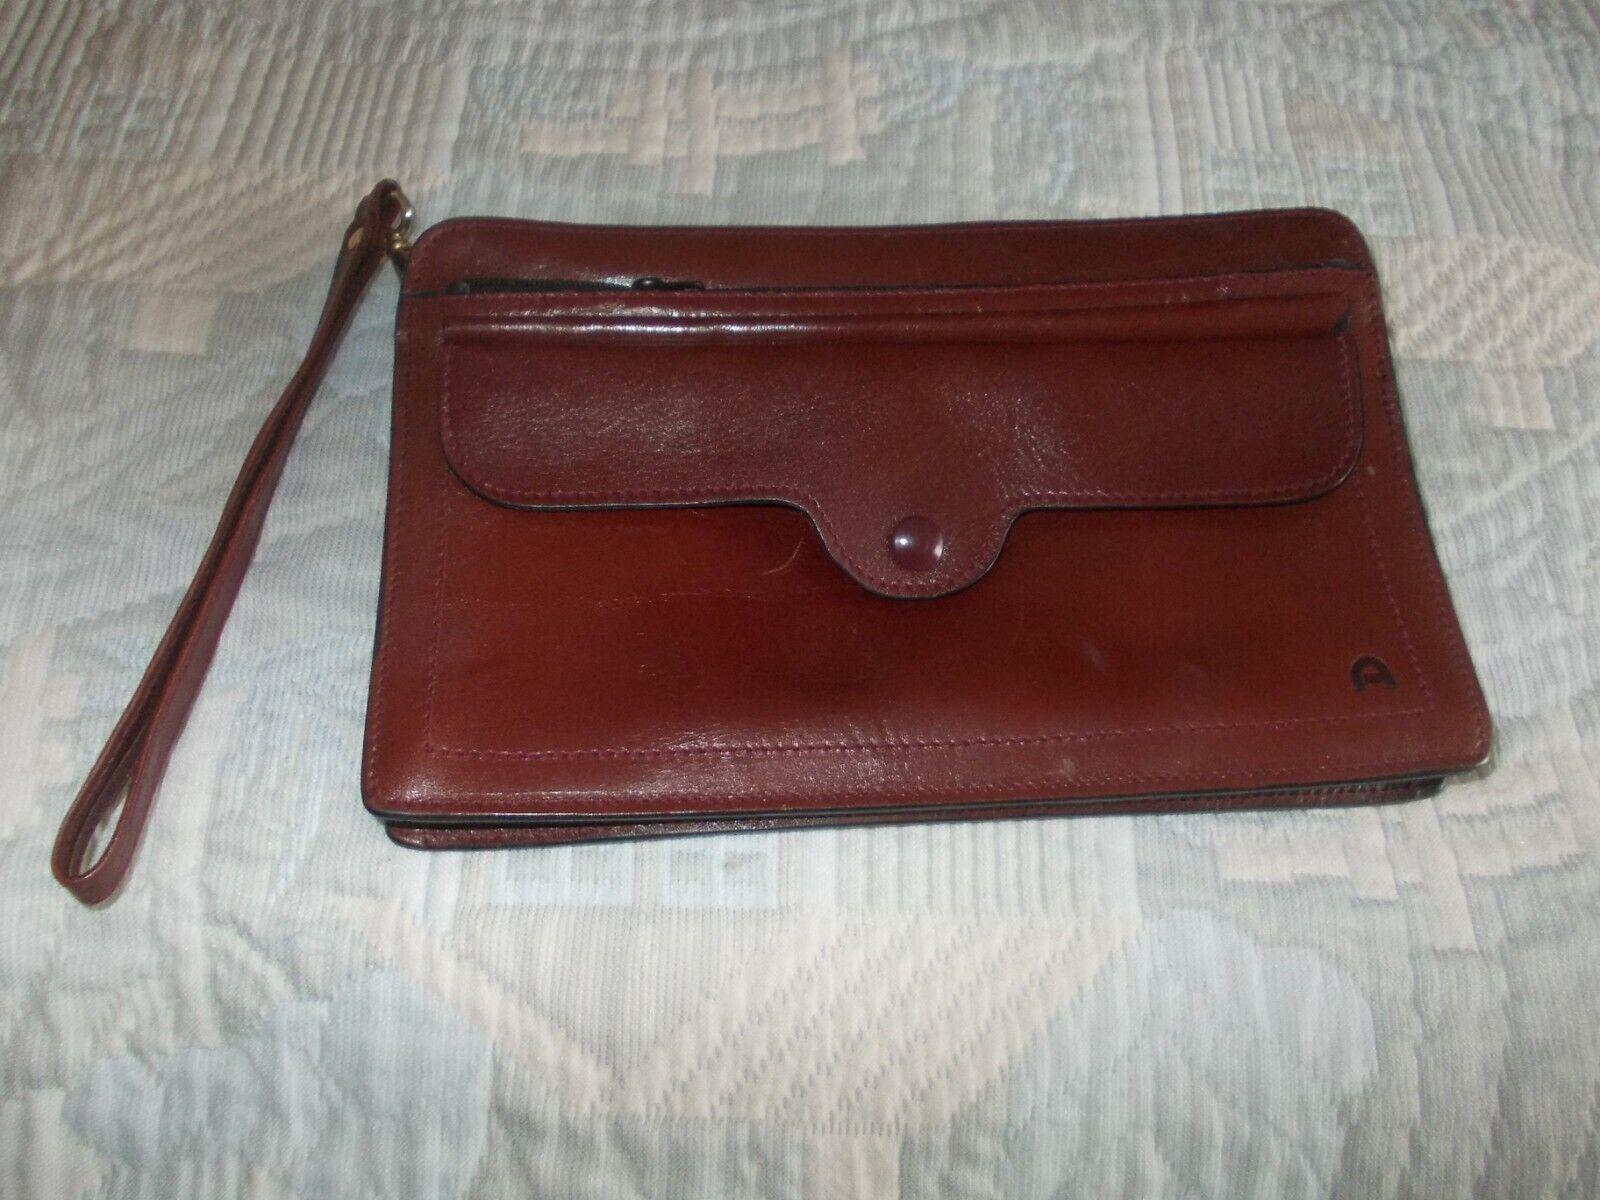 Herren Tasche Hand-Gelenktasche Leder braun rot * Fiocchi Italy * guter Zustand